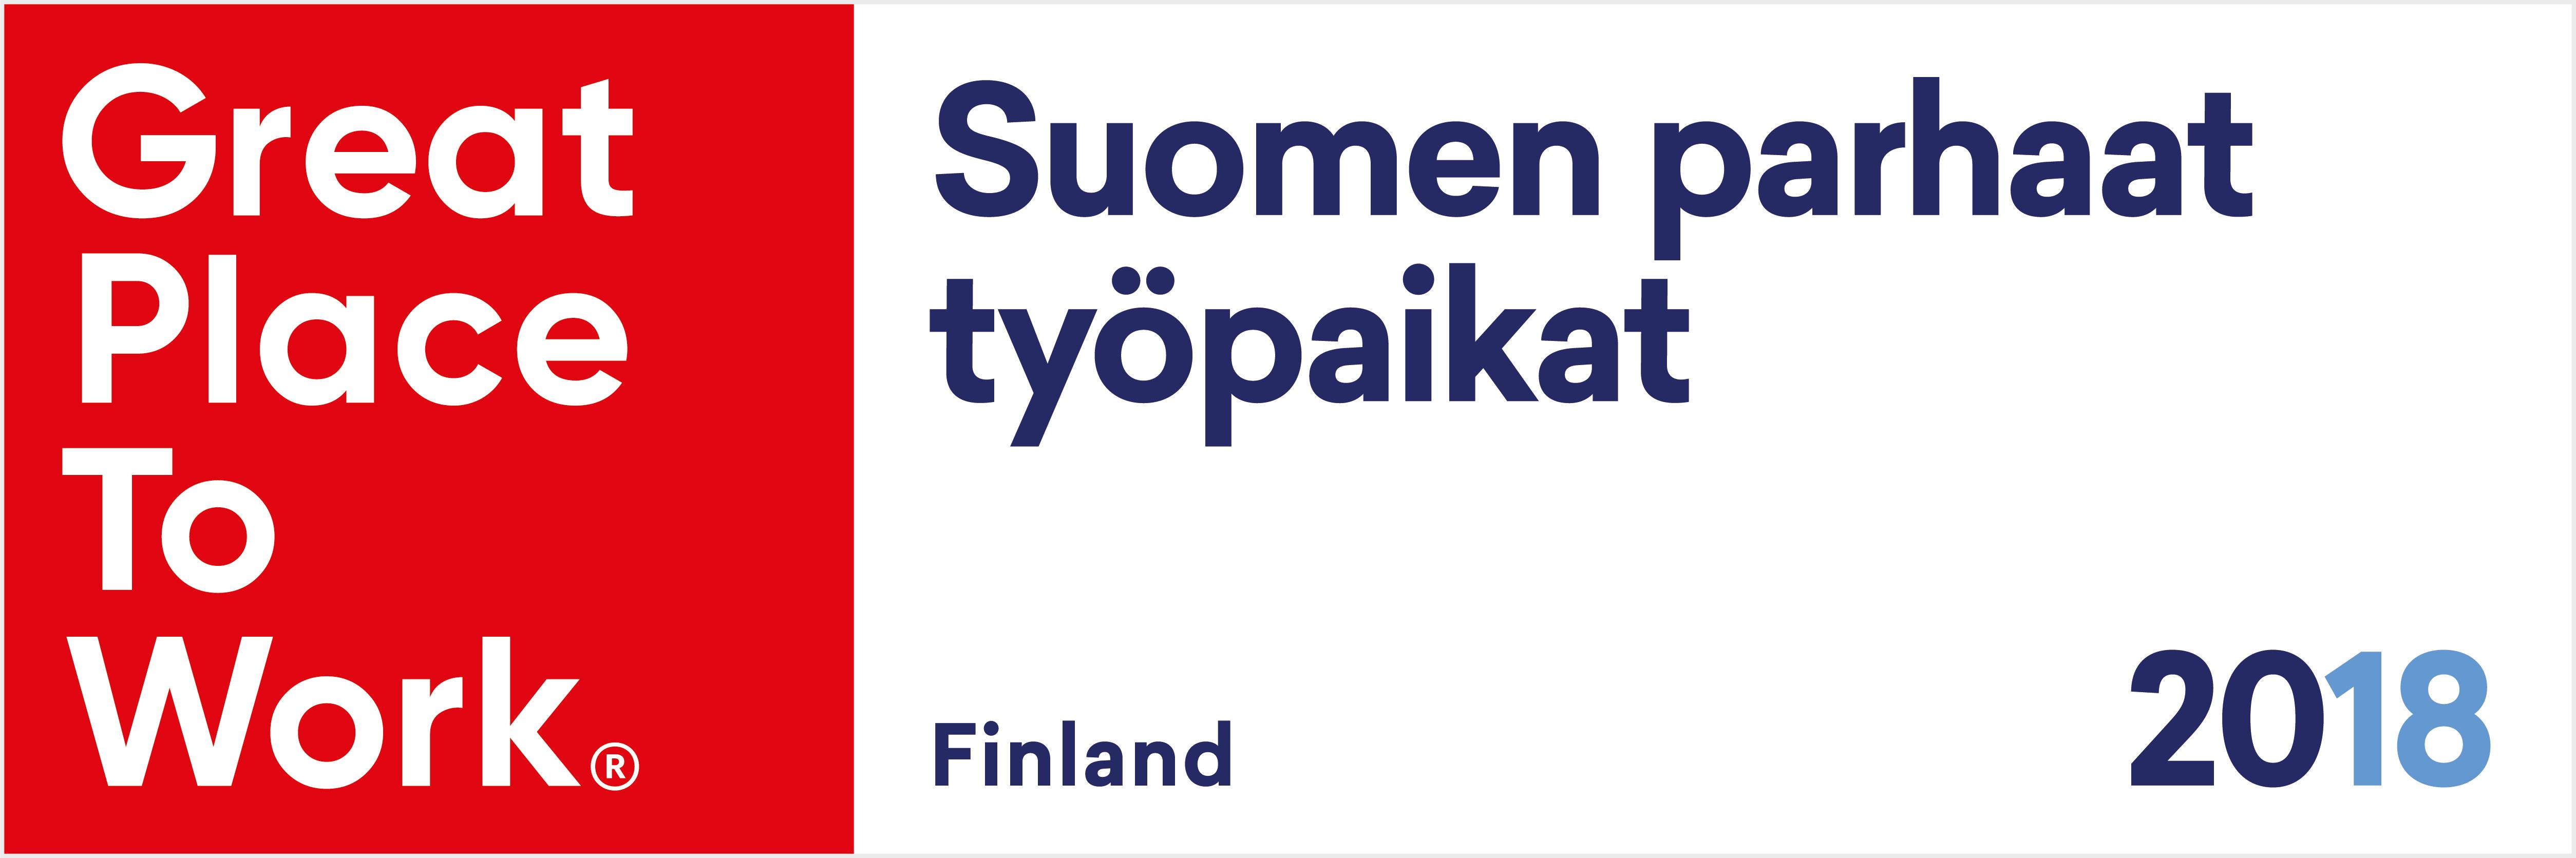 Suomen Parhaat Työpaikat 2018